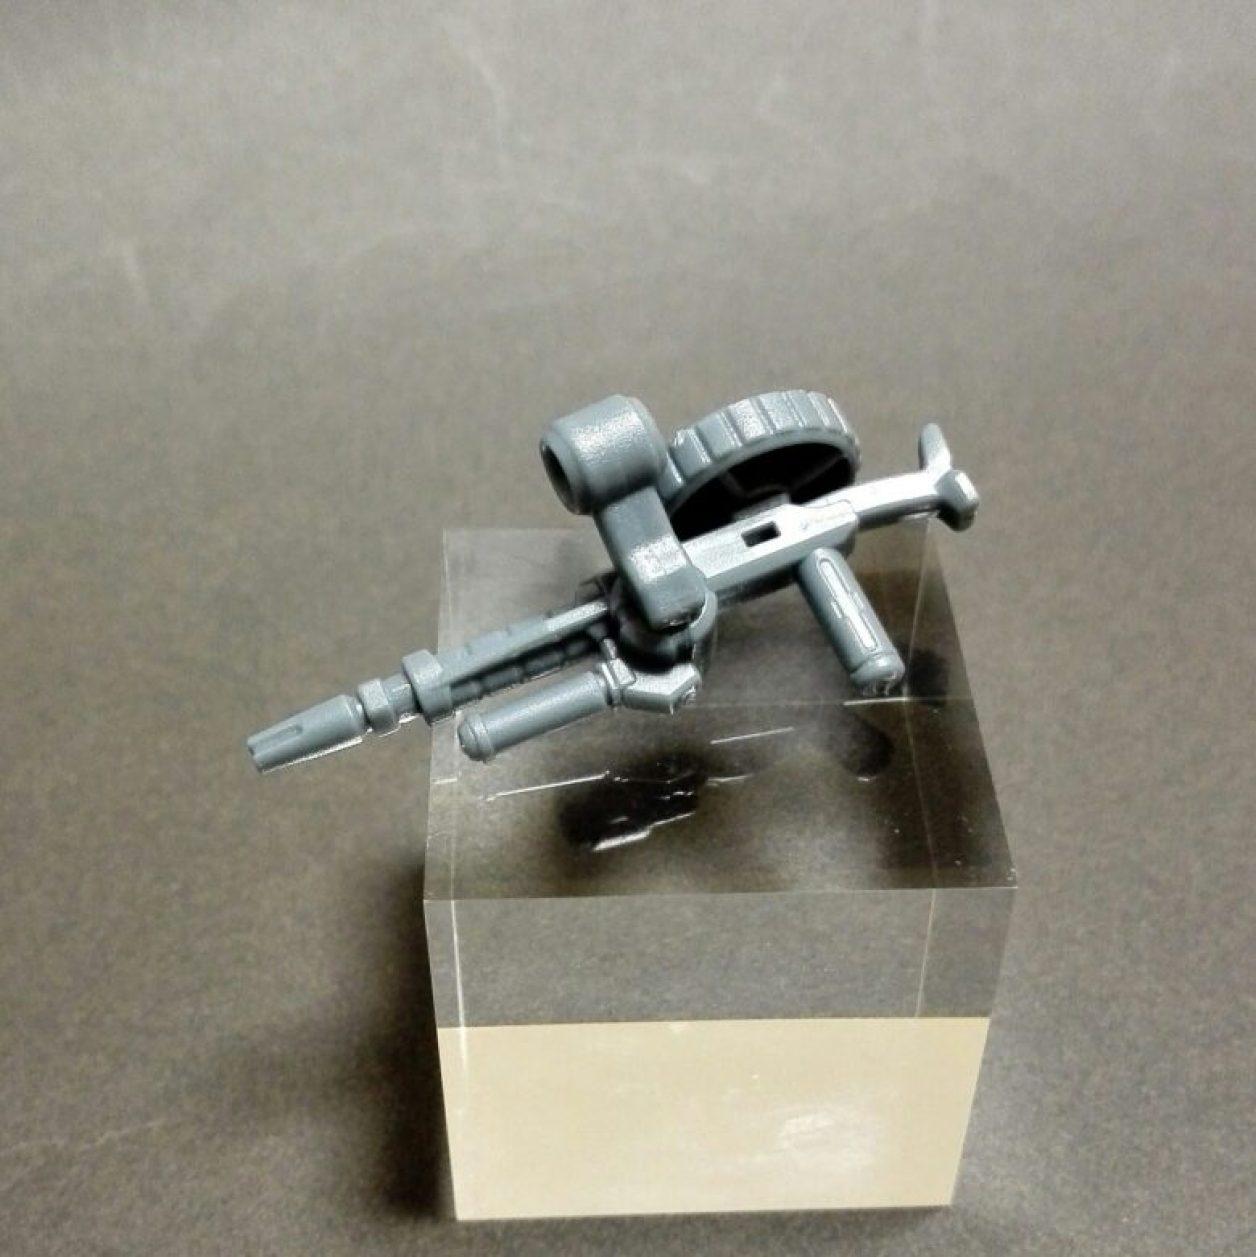 機動戦士ガンダムよりMOBILE SUIT ENSEMBLE 09弾の高機動試作型ザクの初期武装のザク・マシンガンの画像